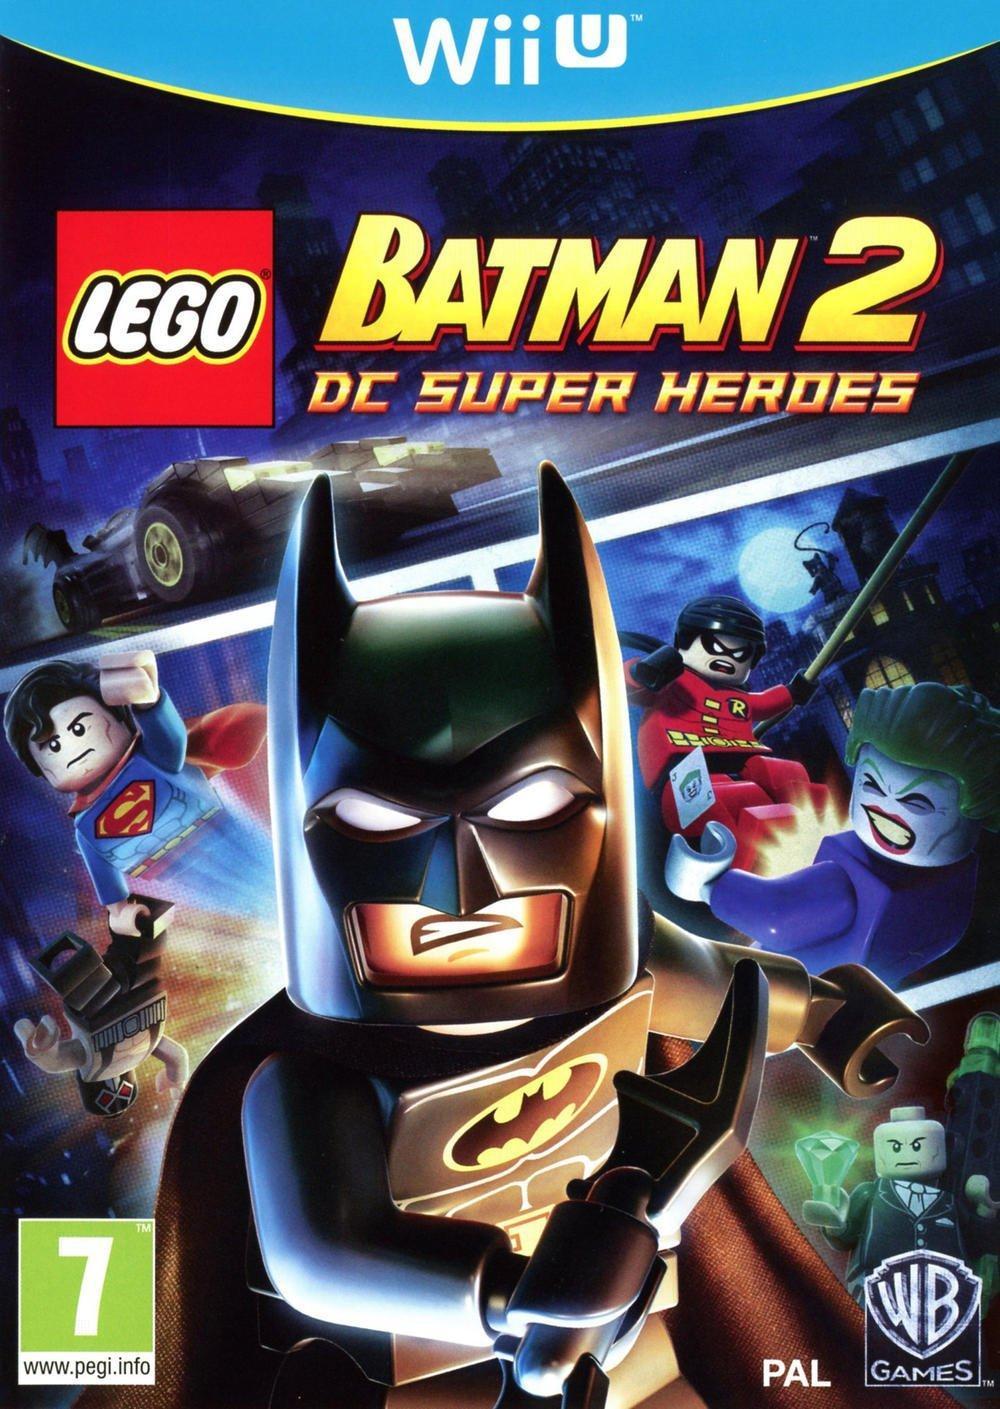 Lego Batman 2 : Dc Super Heroes sur Wii U (autres voir description)